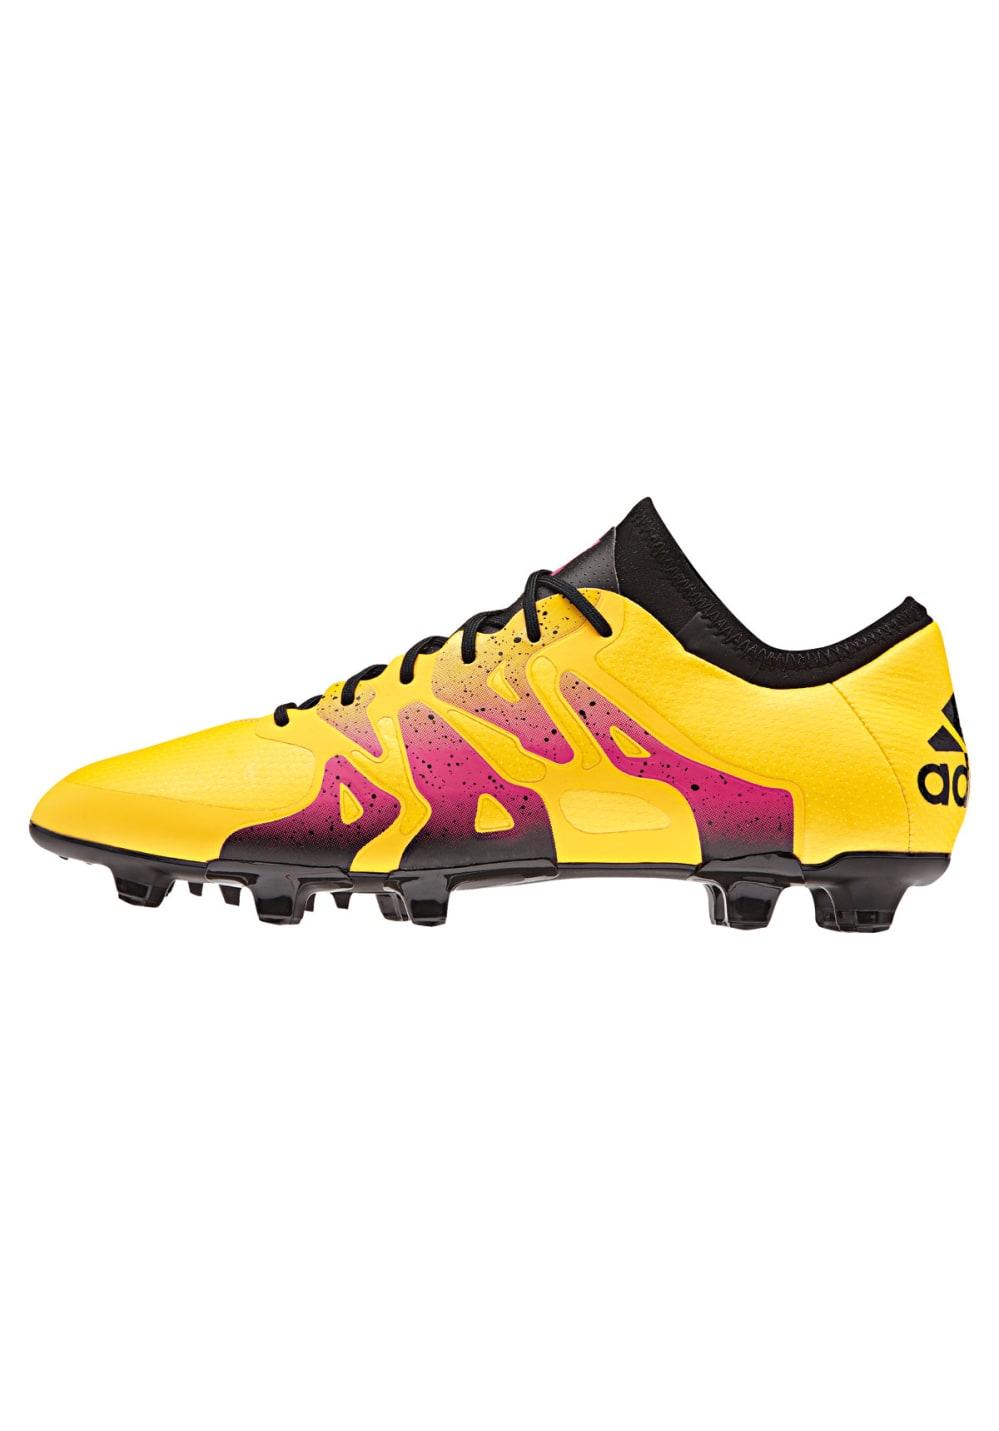 cdf98de29978 adidas X 15.1 FG AG - Football Shoes for Men - Orange